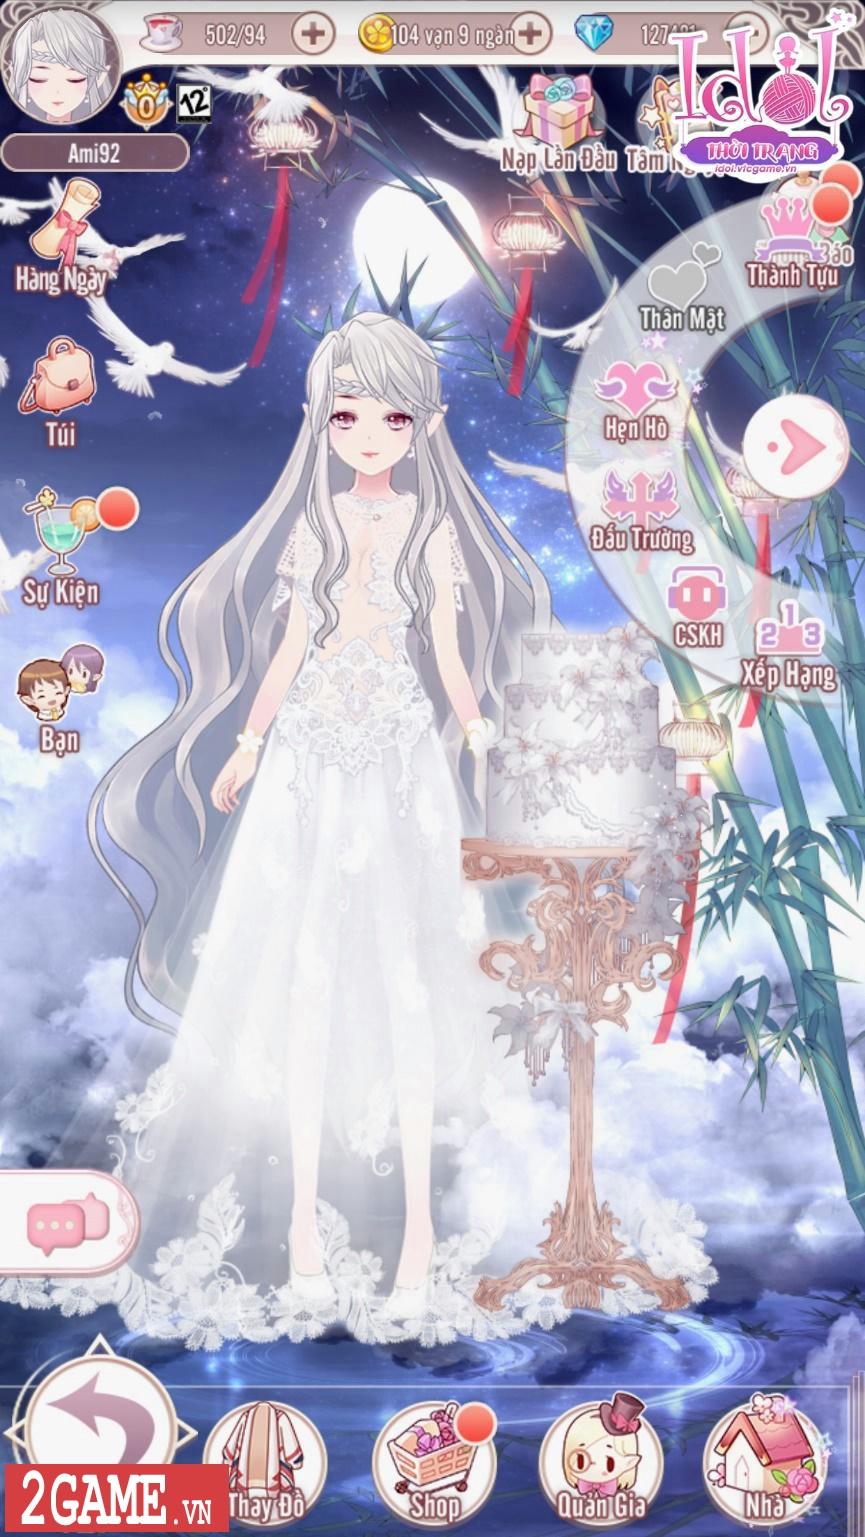 Idol Thời Trang Mobile tự tin thoát mác game phối đồ thời trang đơn thuần hiện nay 0